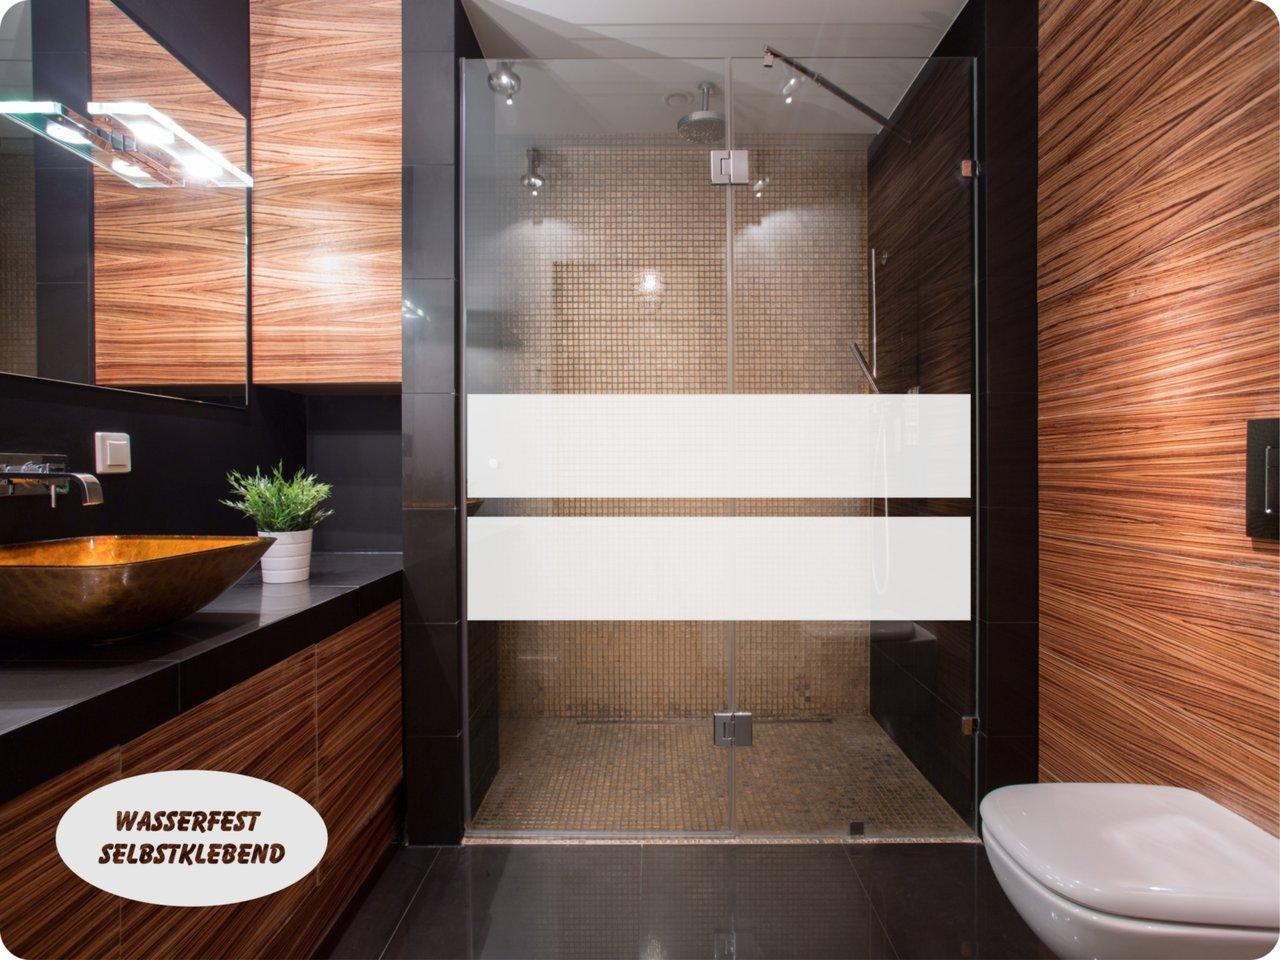 Full Size of Dusche Wand Aufkleber Glasdekor Sichtschutz 022b 2 Streifen Folie Bad Einhebelmischer Wandtattoo Schlafzimmer Sprüche Begehbare Wandbilder Wandfliesen Dusche Dusche Wand